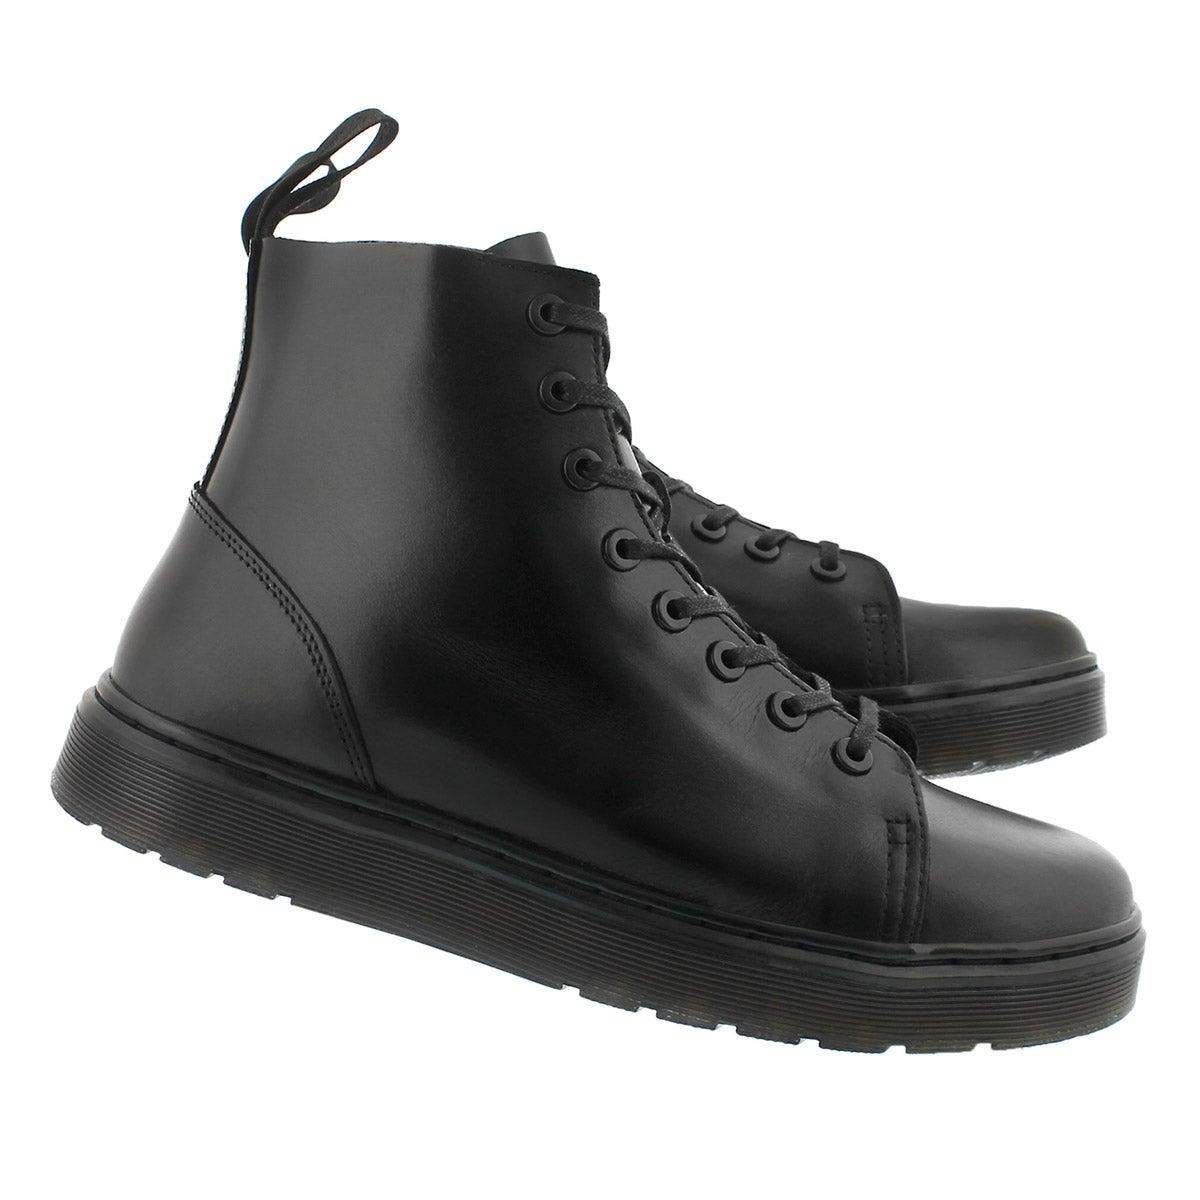 Mns Talib black 8 eye combat boot